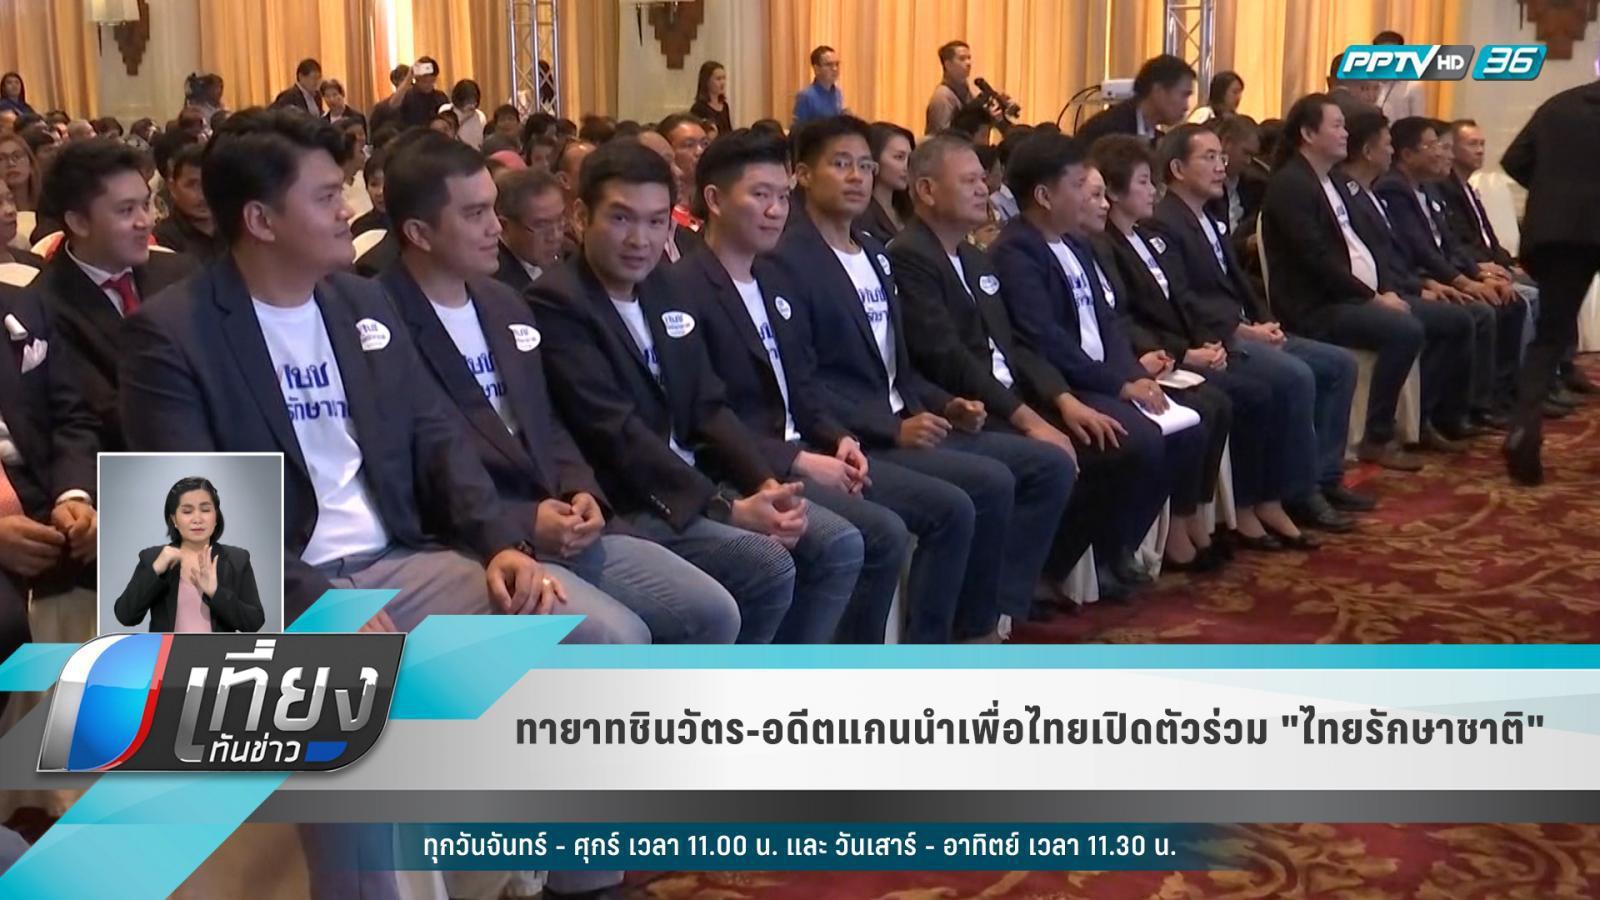 """ทายาทชินวัตร-อดีตแกนนำเพื่อไทย เปิดตัวร่วม """"ไทยรักษาชาติ"""""""